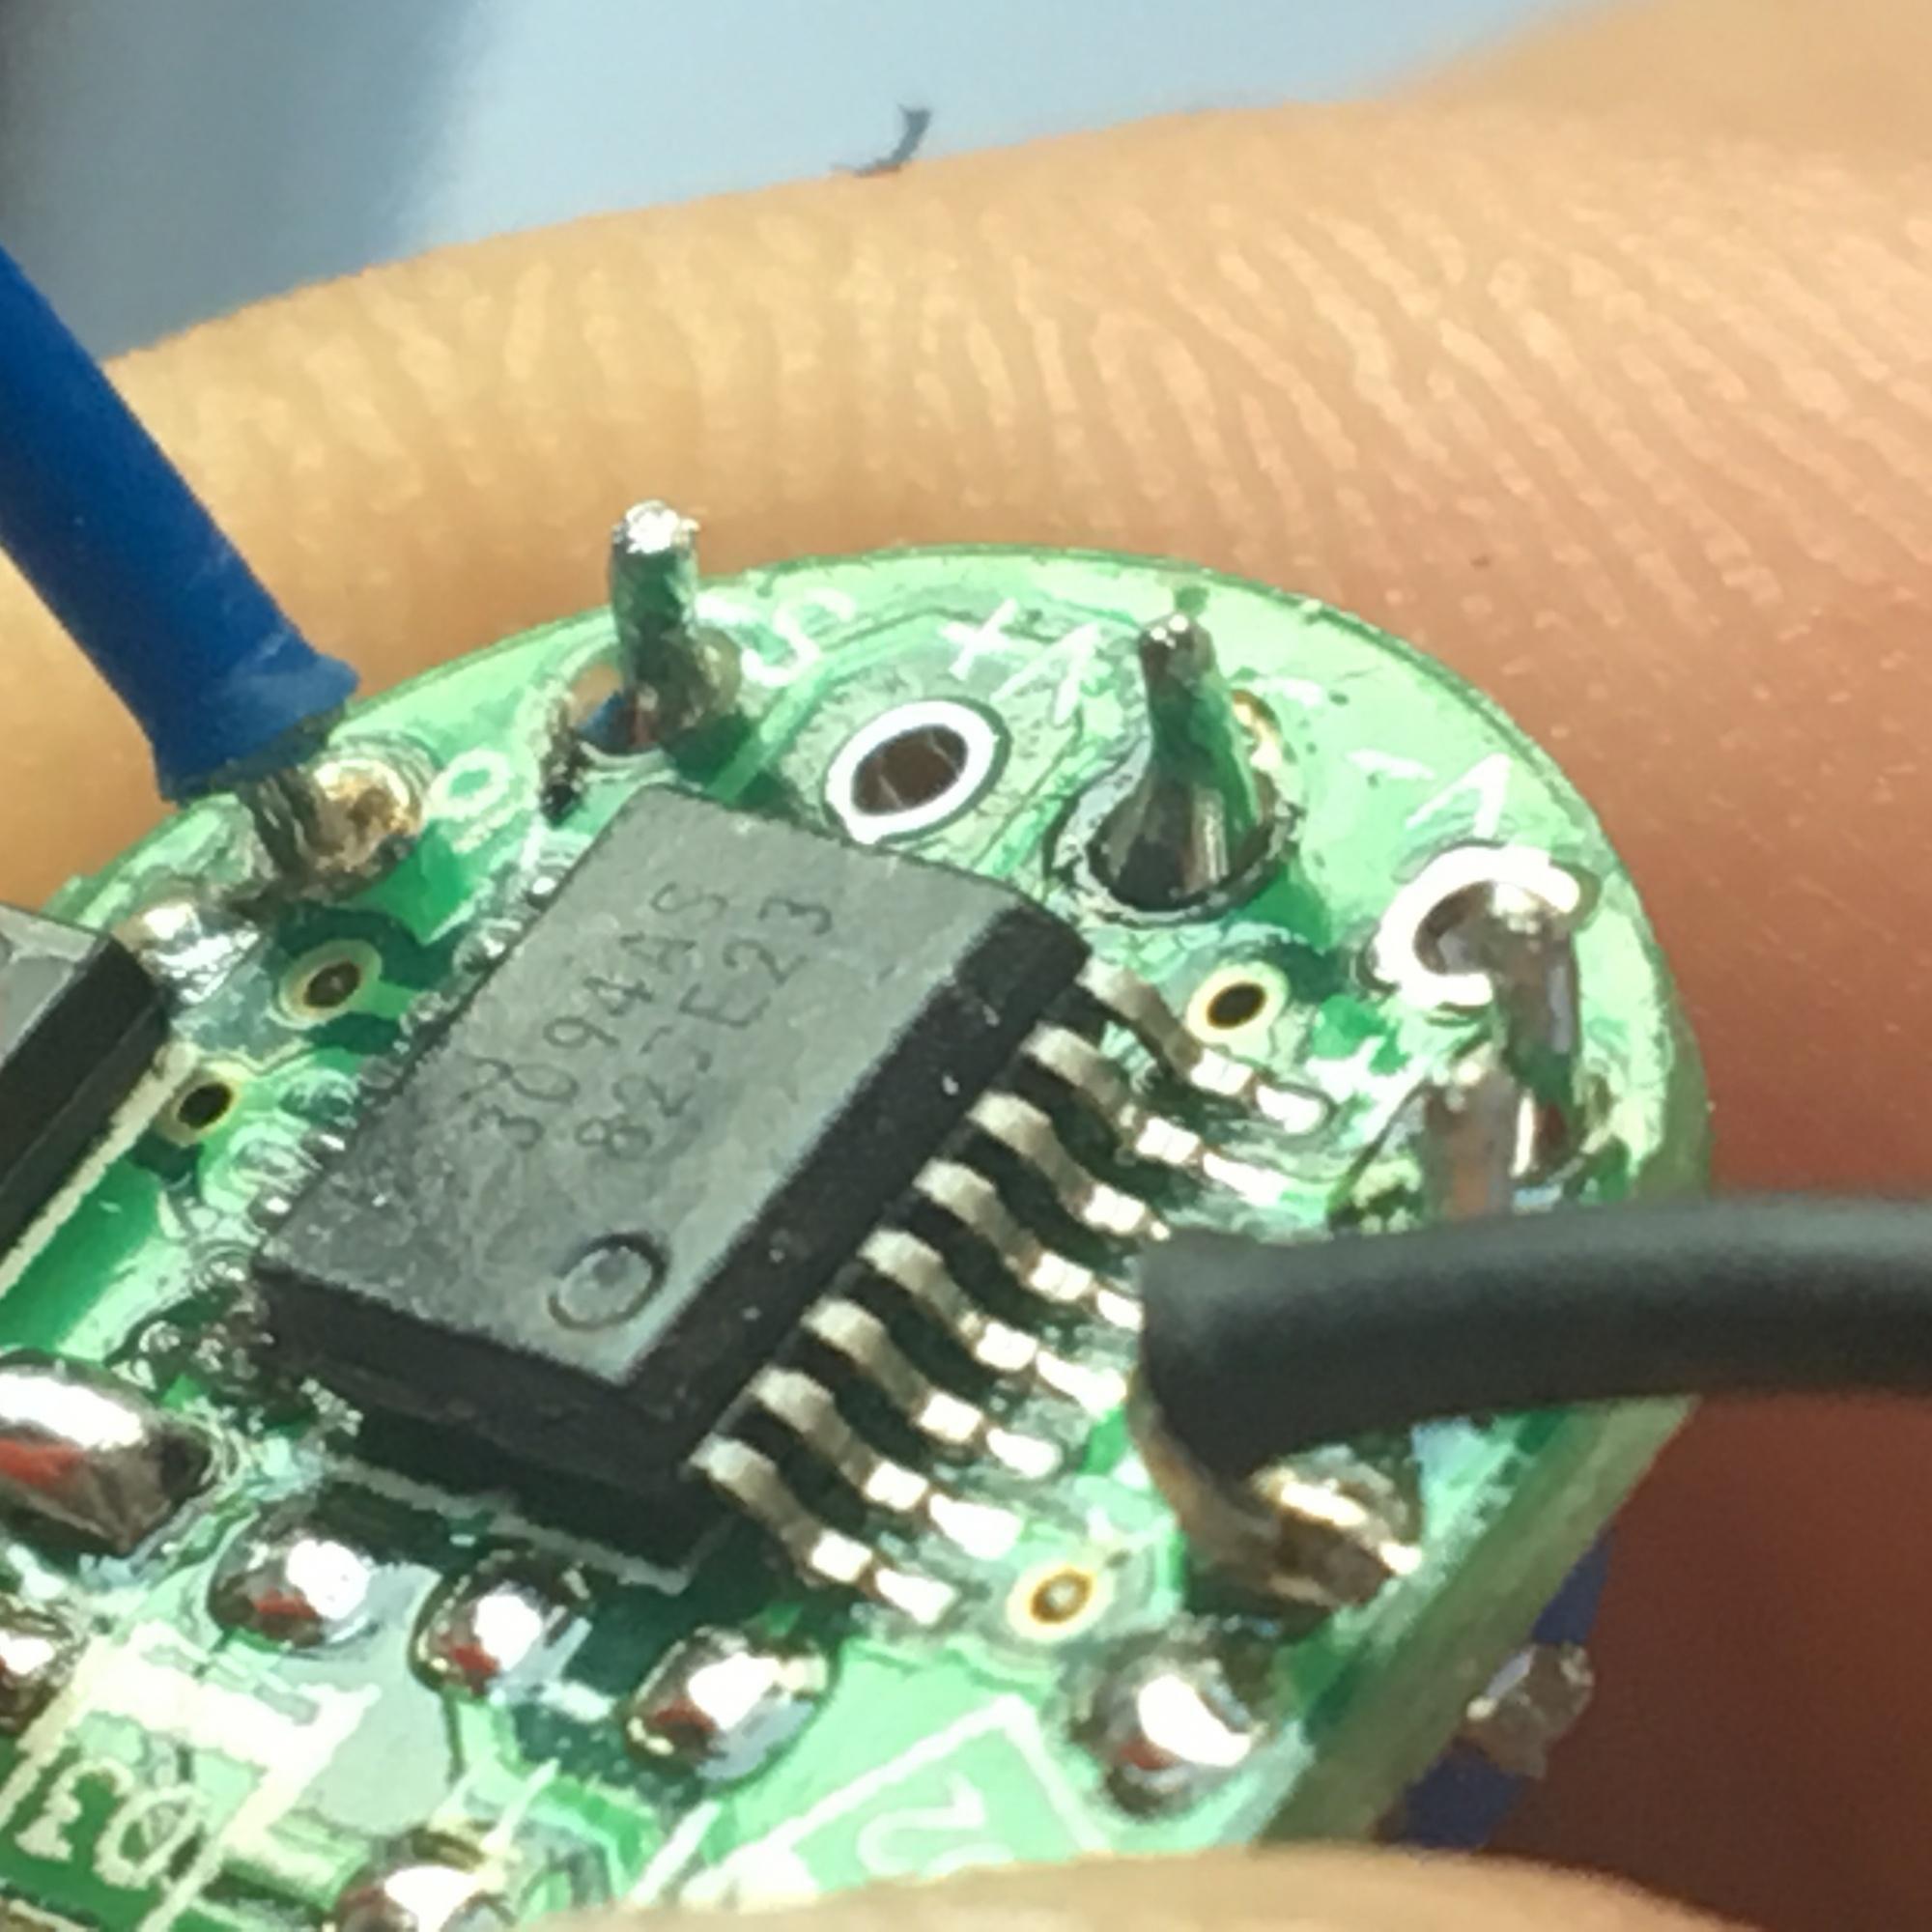 那位大神知道芯片丝印3094AS,16引脚的芯片型号或者资料